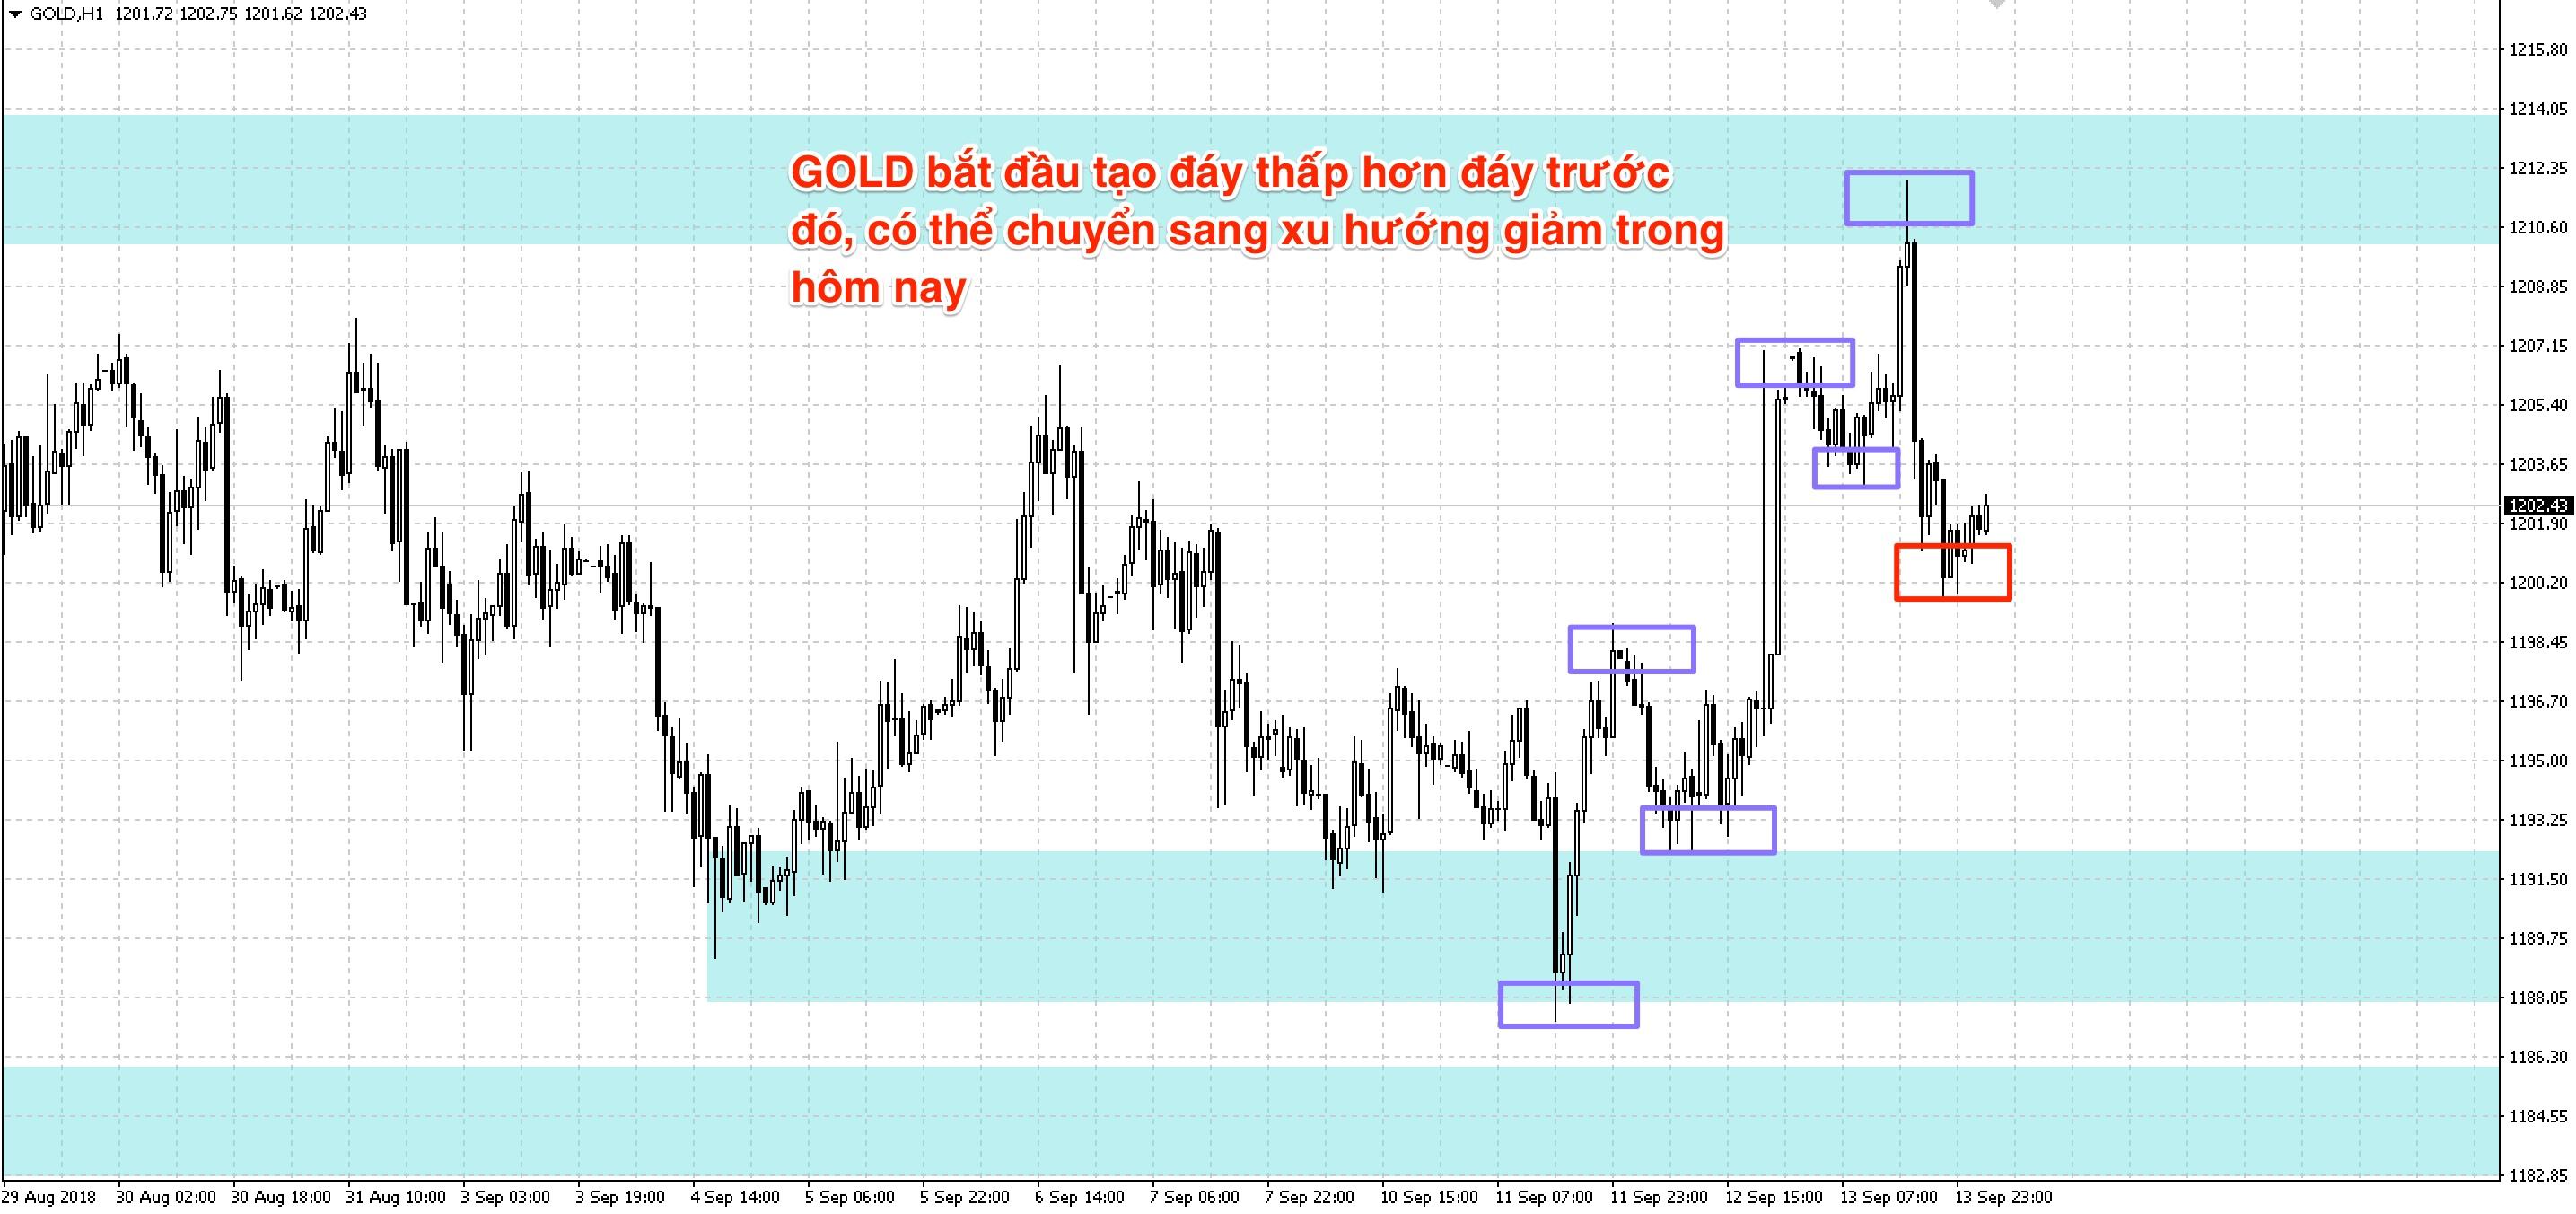 gold-xu-huong-1.